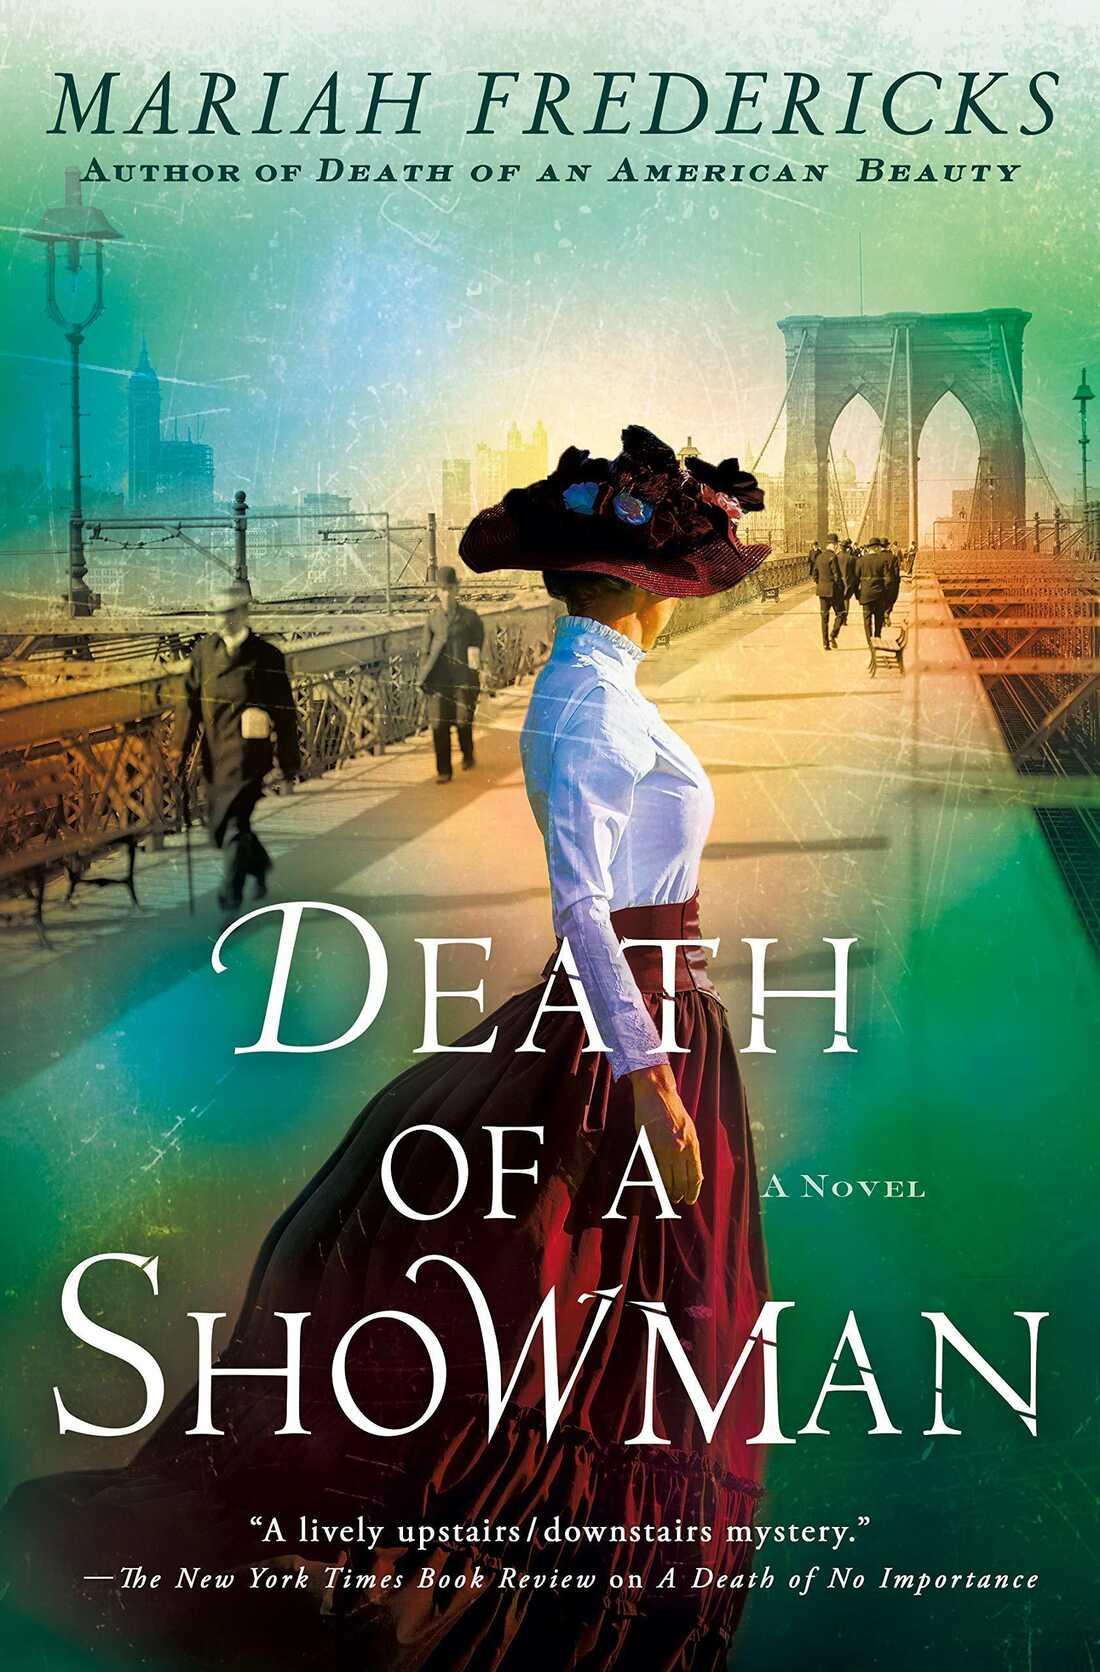 Death of a Showman, by Mariah Fredericks